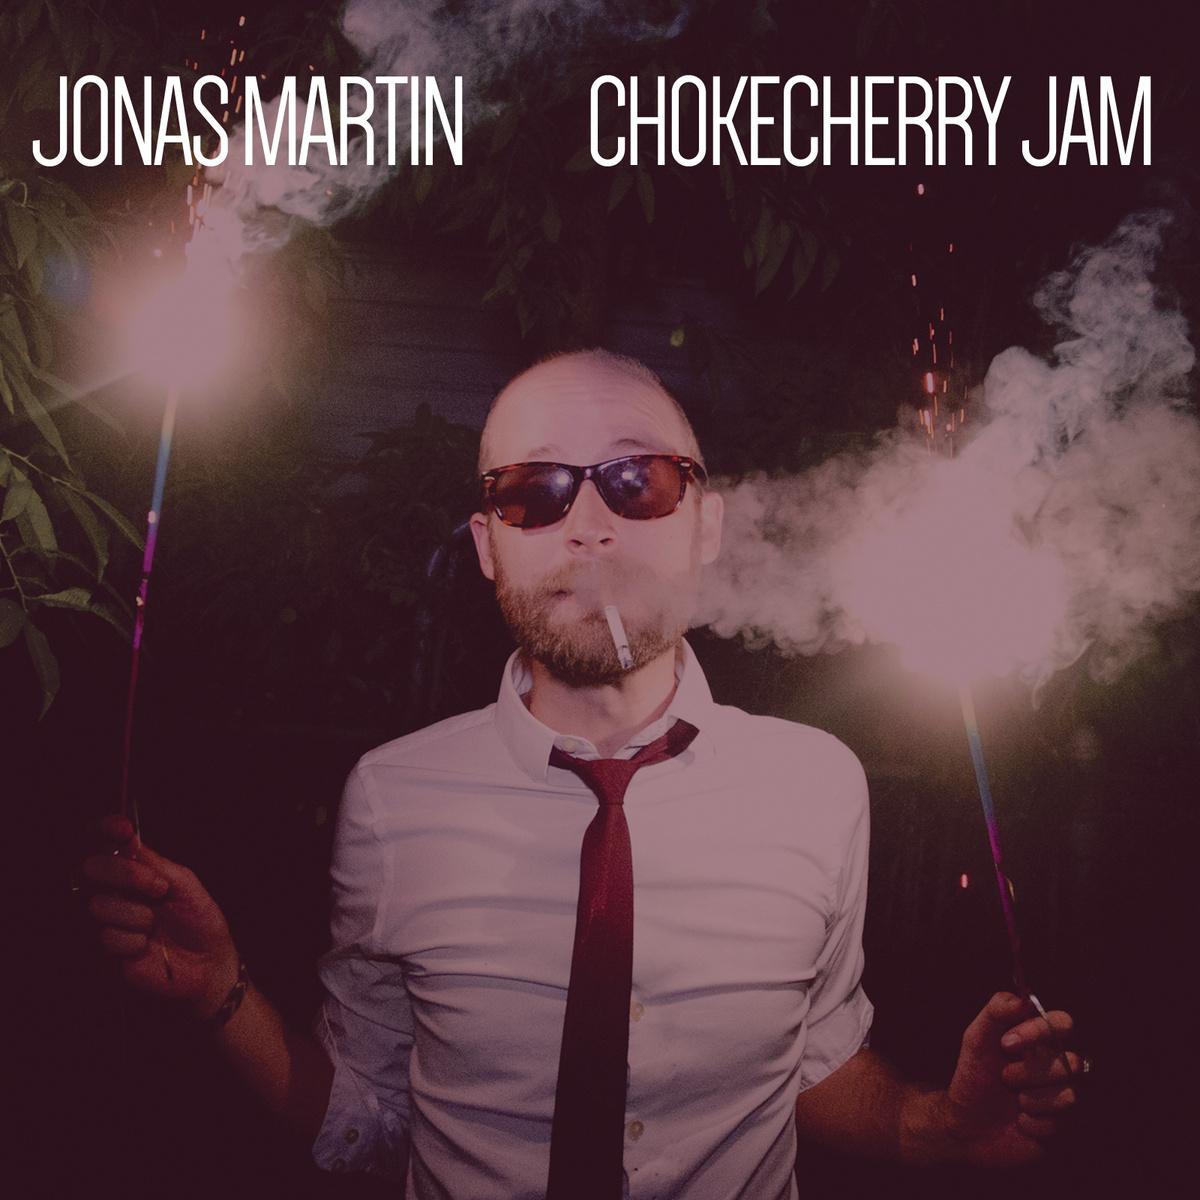 Jonas Martin – Chokecherry Jam